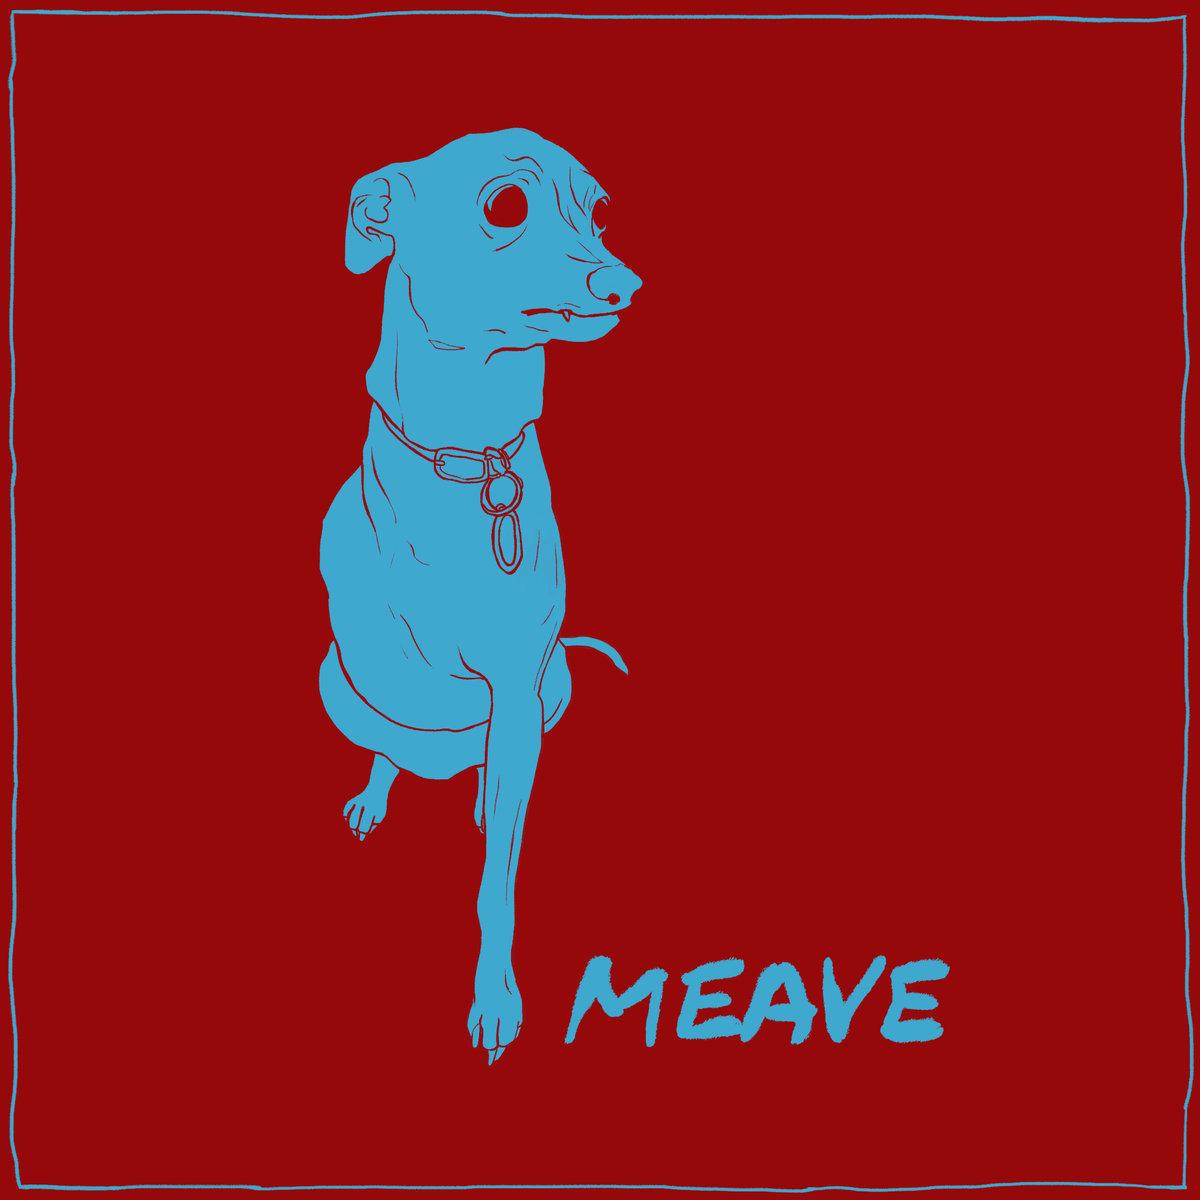 meave.jpg